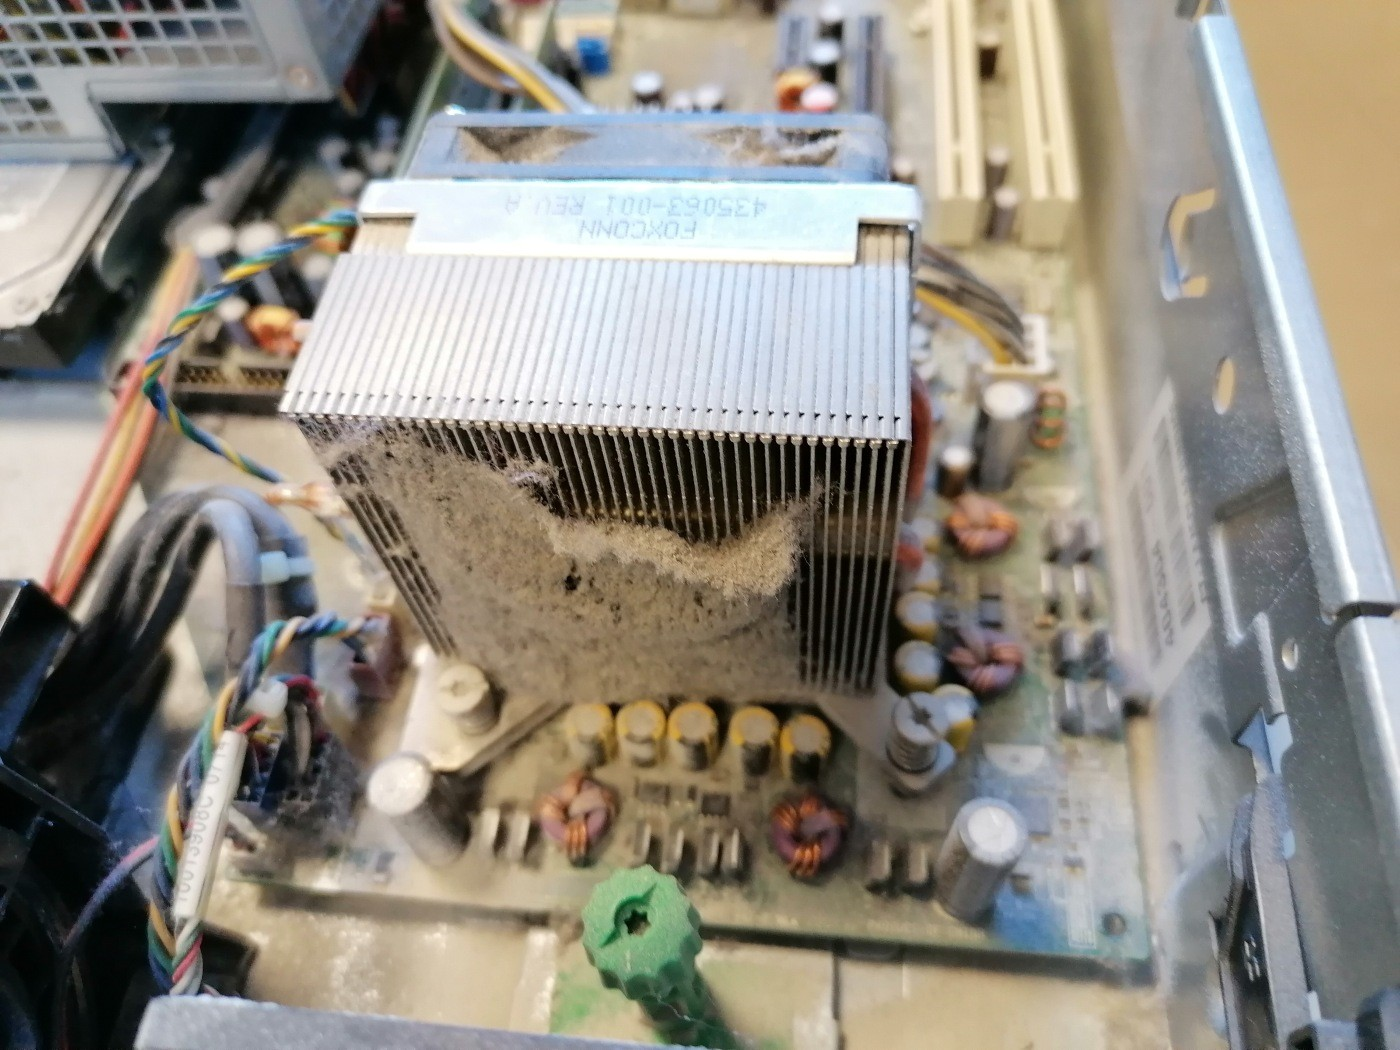 Mal mantenimiento de equipos informaticos